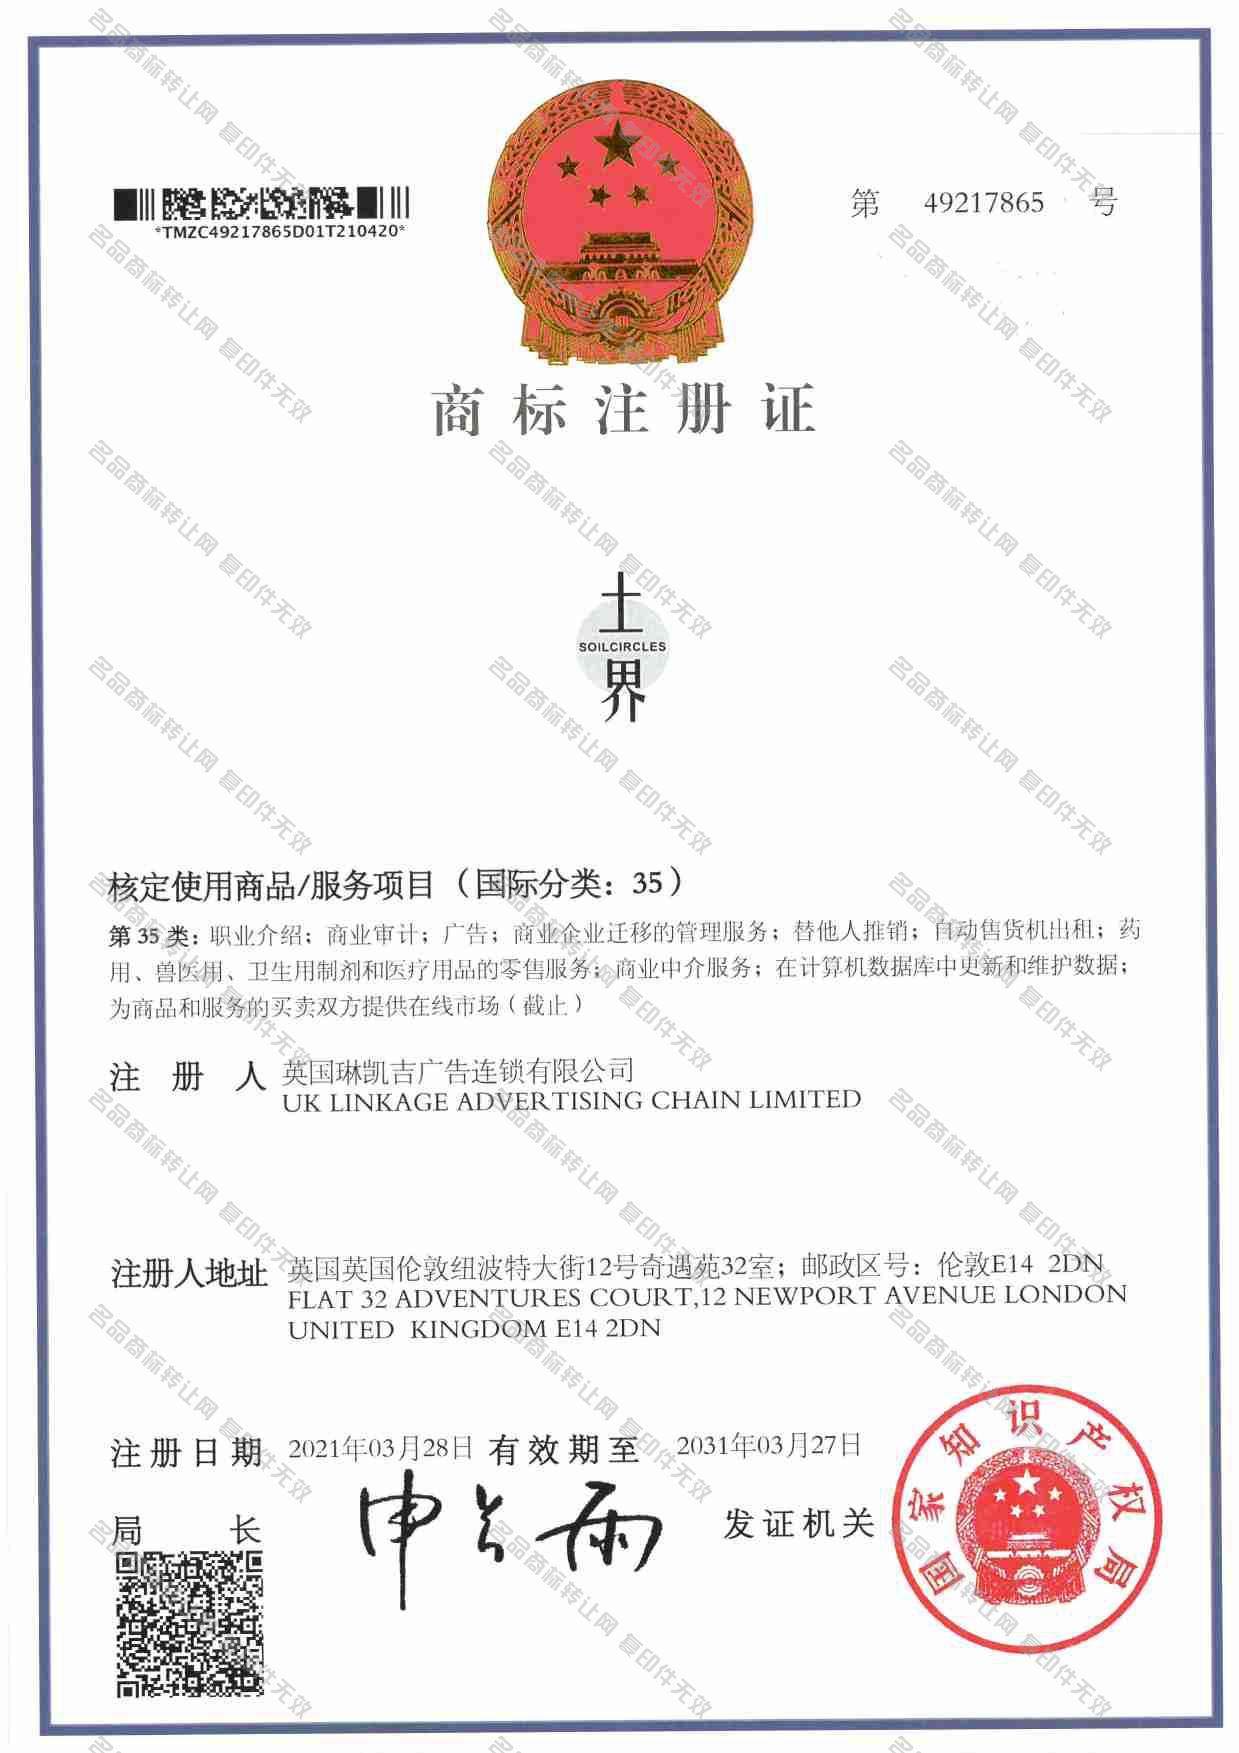 土界 SOILCIRCLES注册证